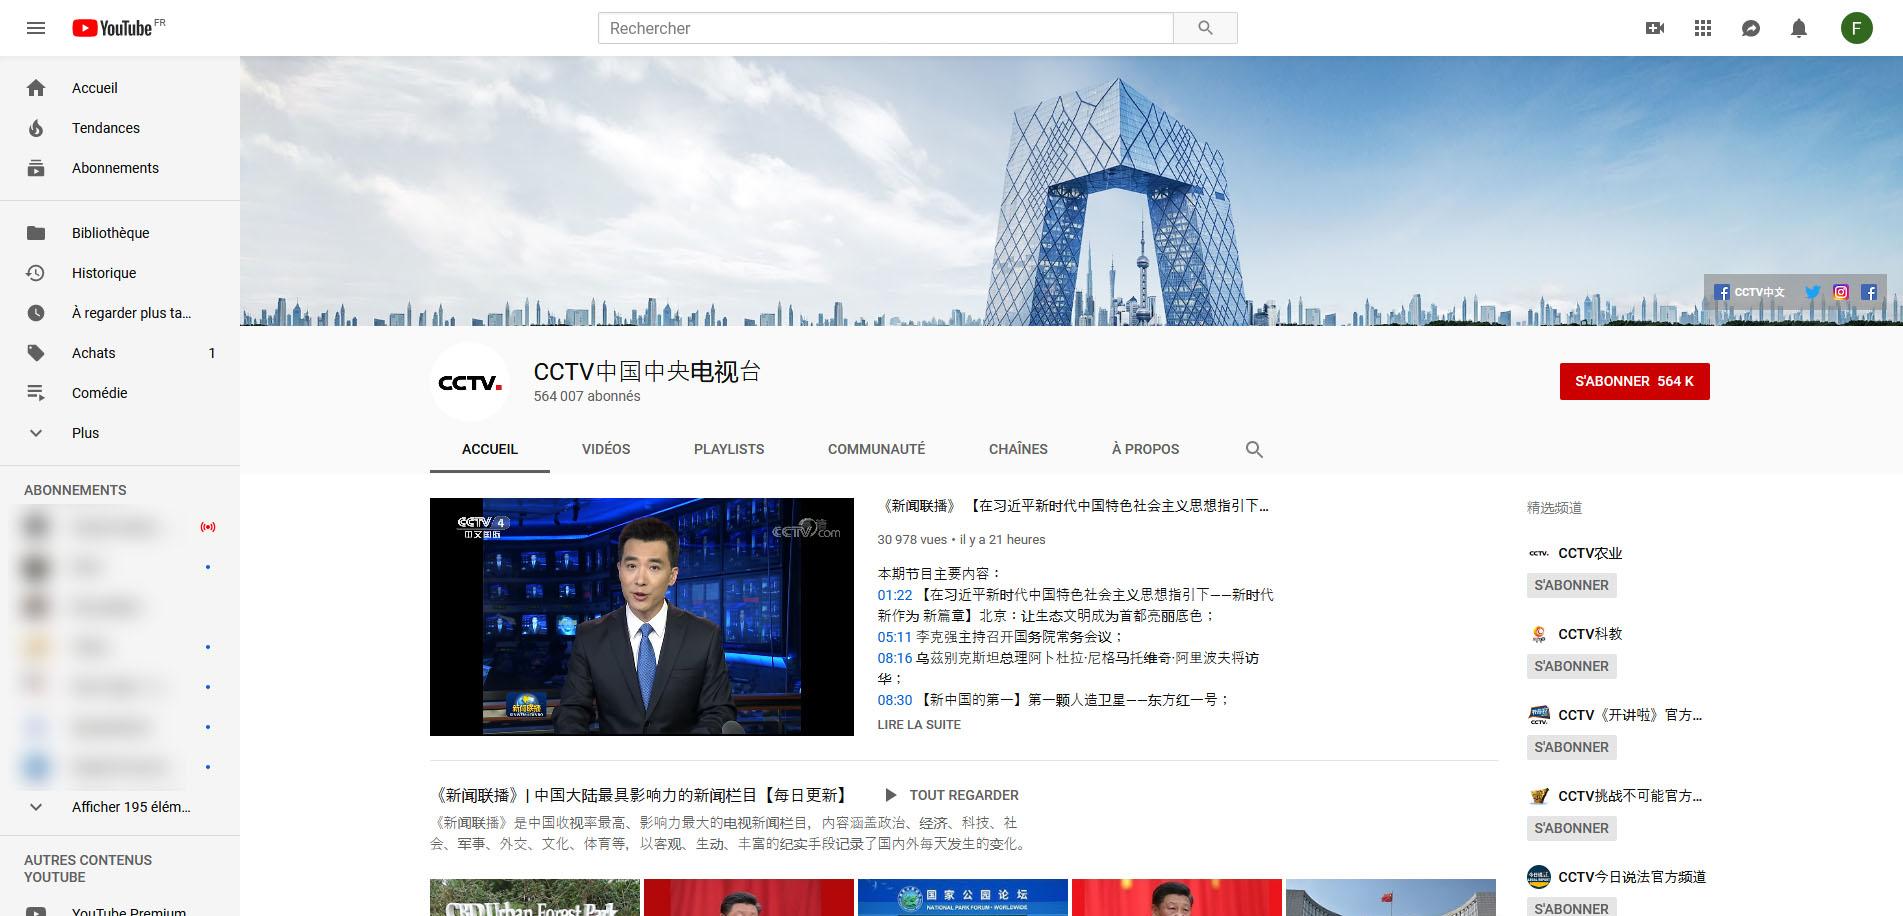 La propagande chinoise contre Hong Kong se répand aussi sur YouTube